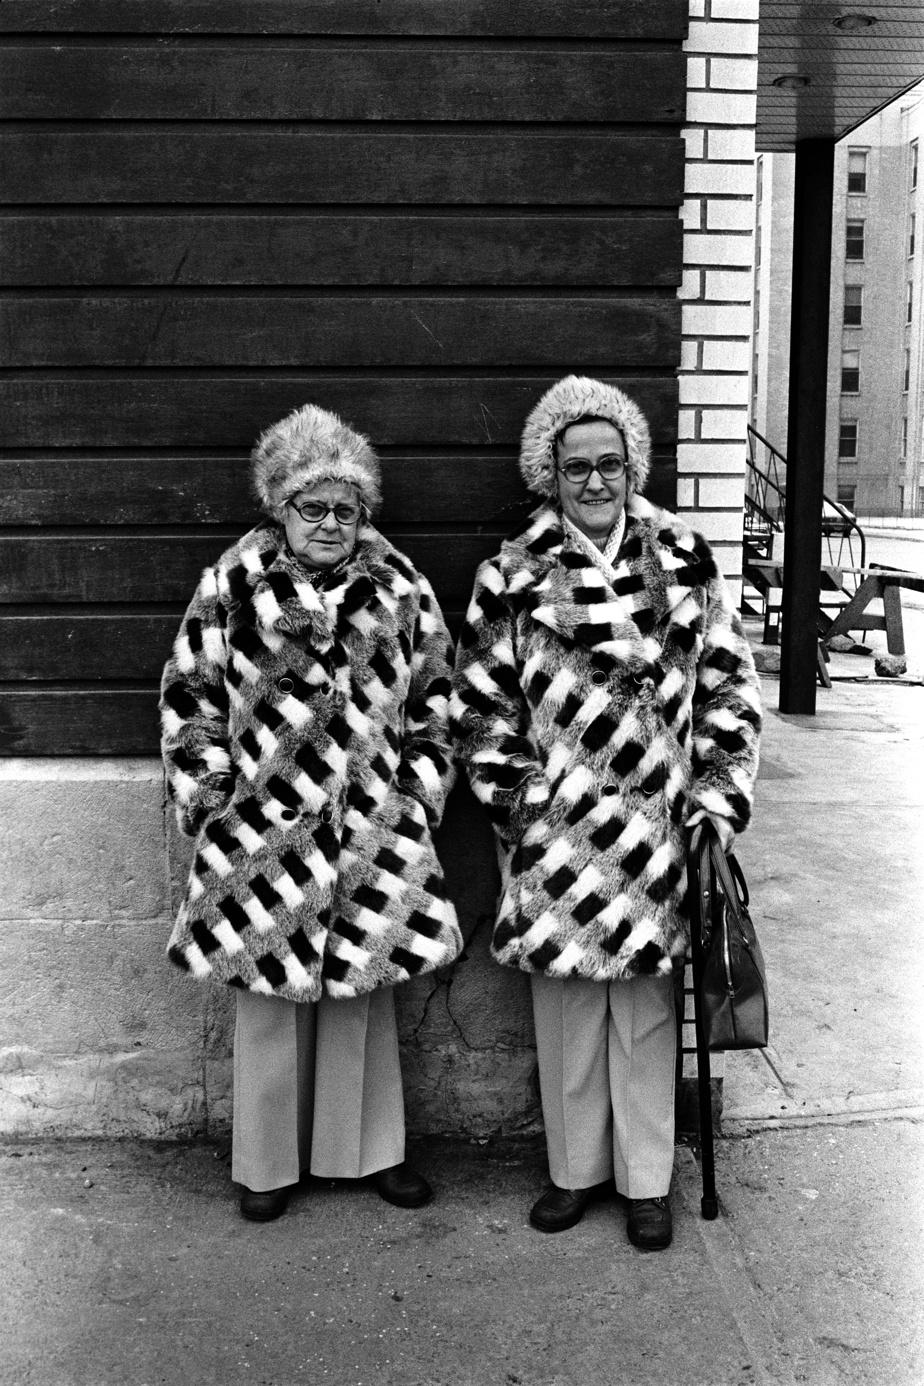 Des femmes arborent le même manteau, au coin du boulevard Dorchester et de la rue Saint Laurent, à Montréal, en 1975.